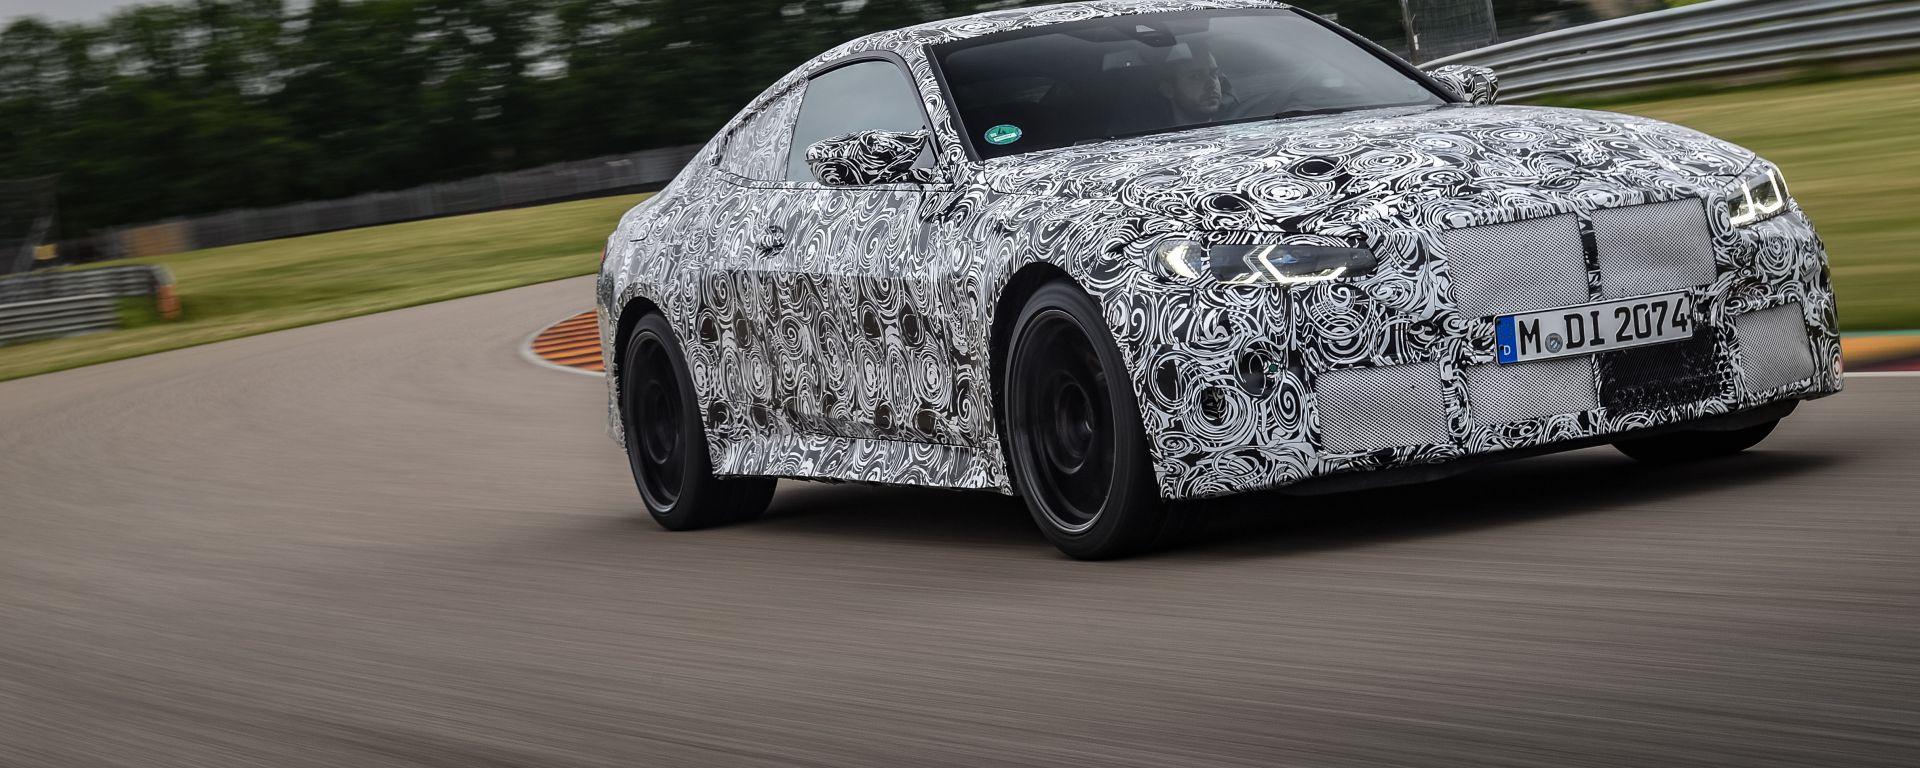 Nuova BMW M4 Coupè, le foto ufficiali del prototipo